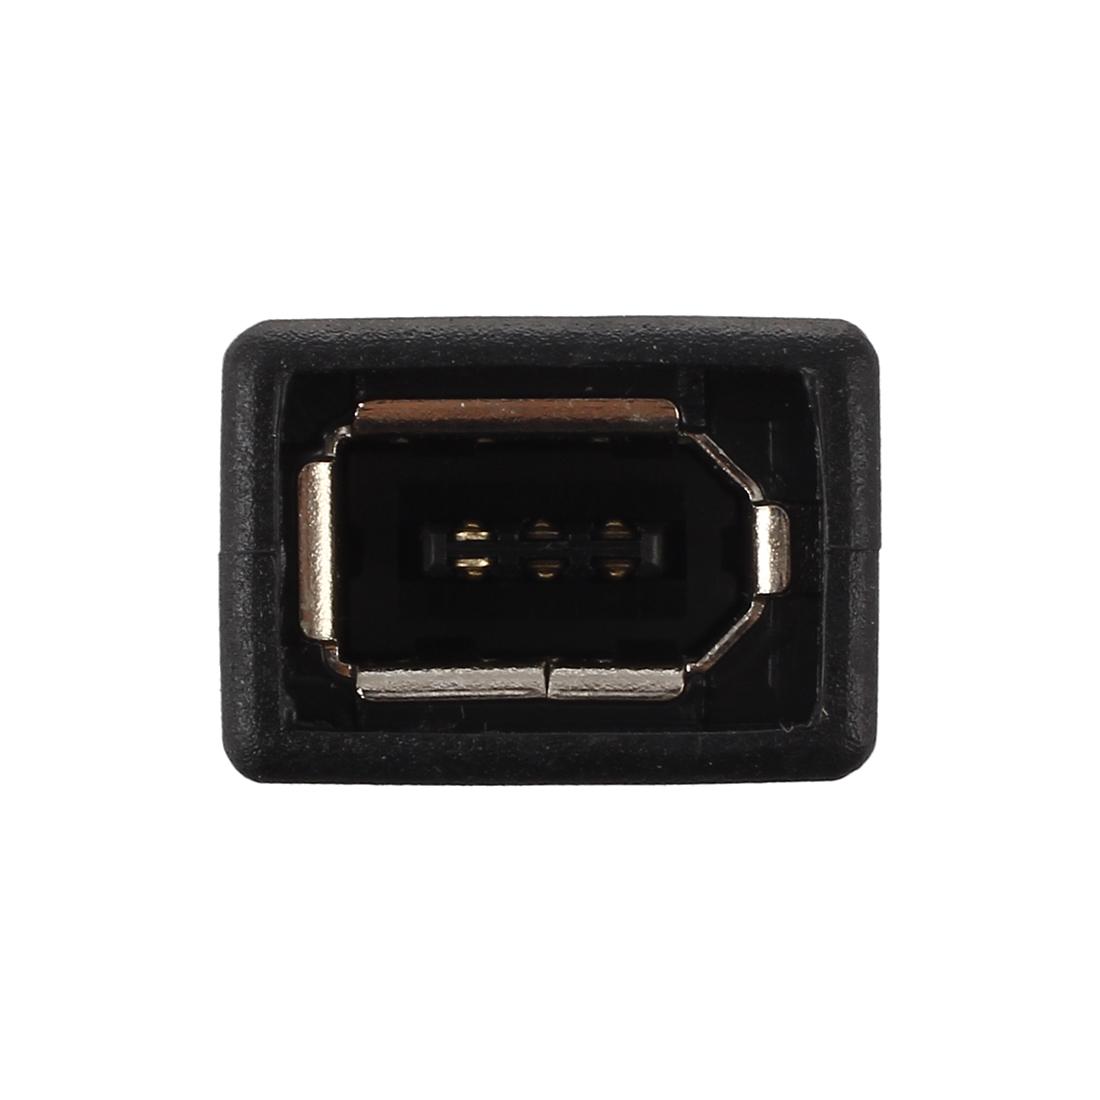 Adapter Kupplung FireWire 800 auf 400 pol 9 zu 6 pin DE | eBay